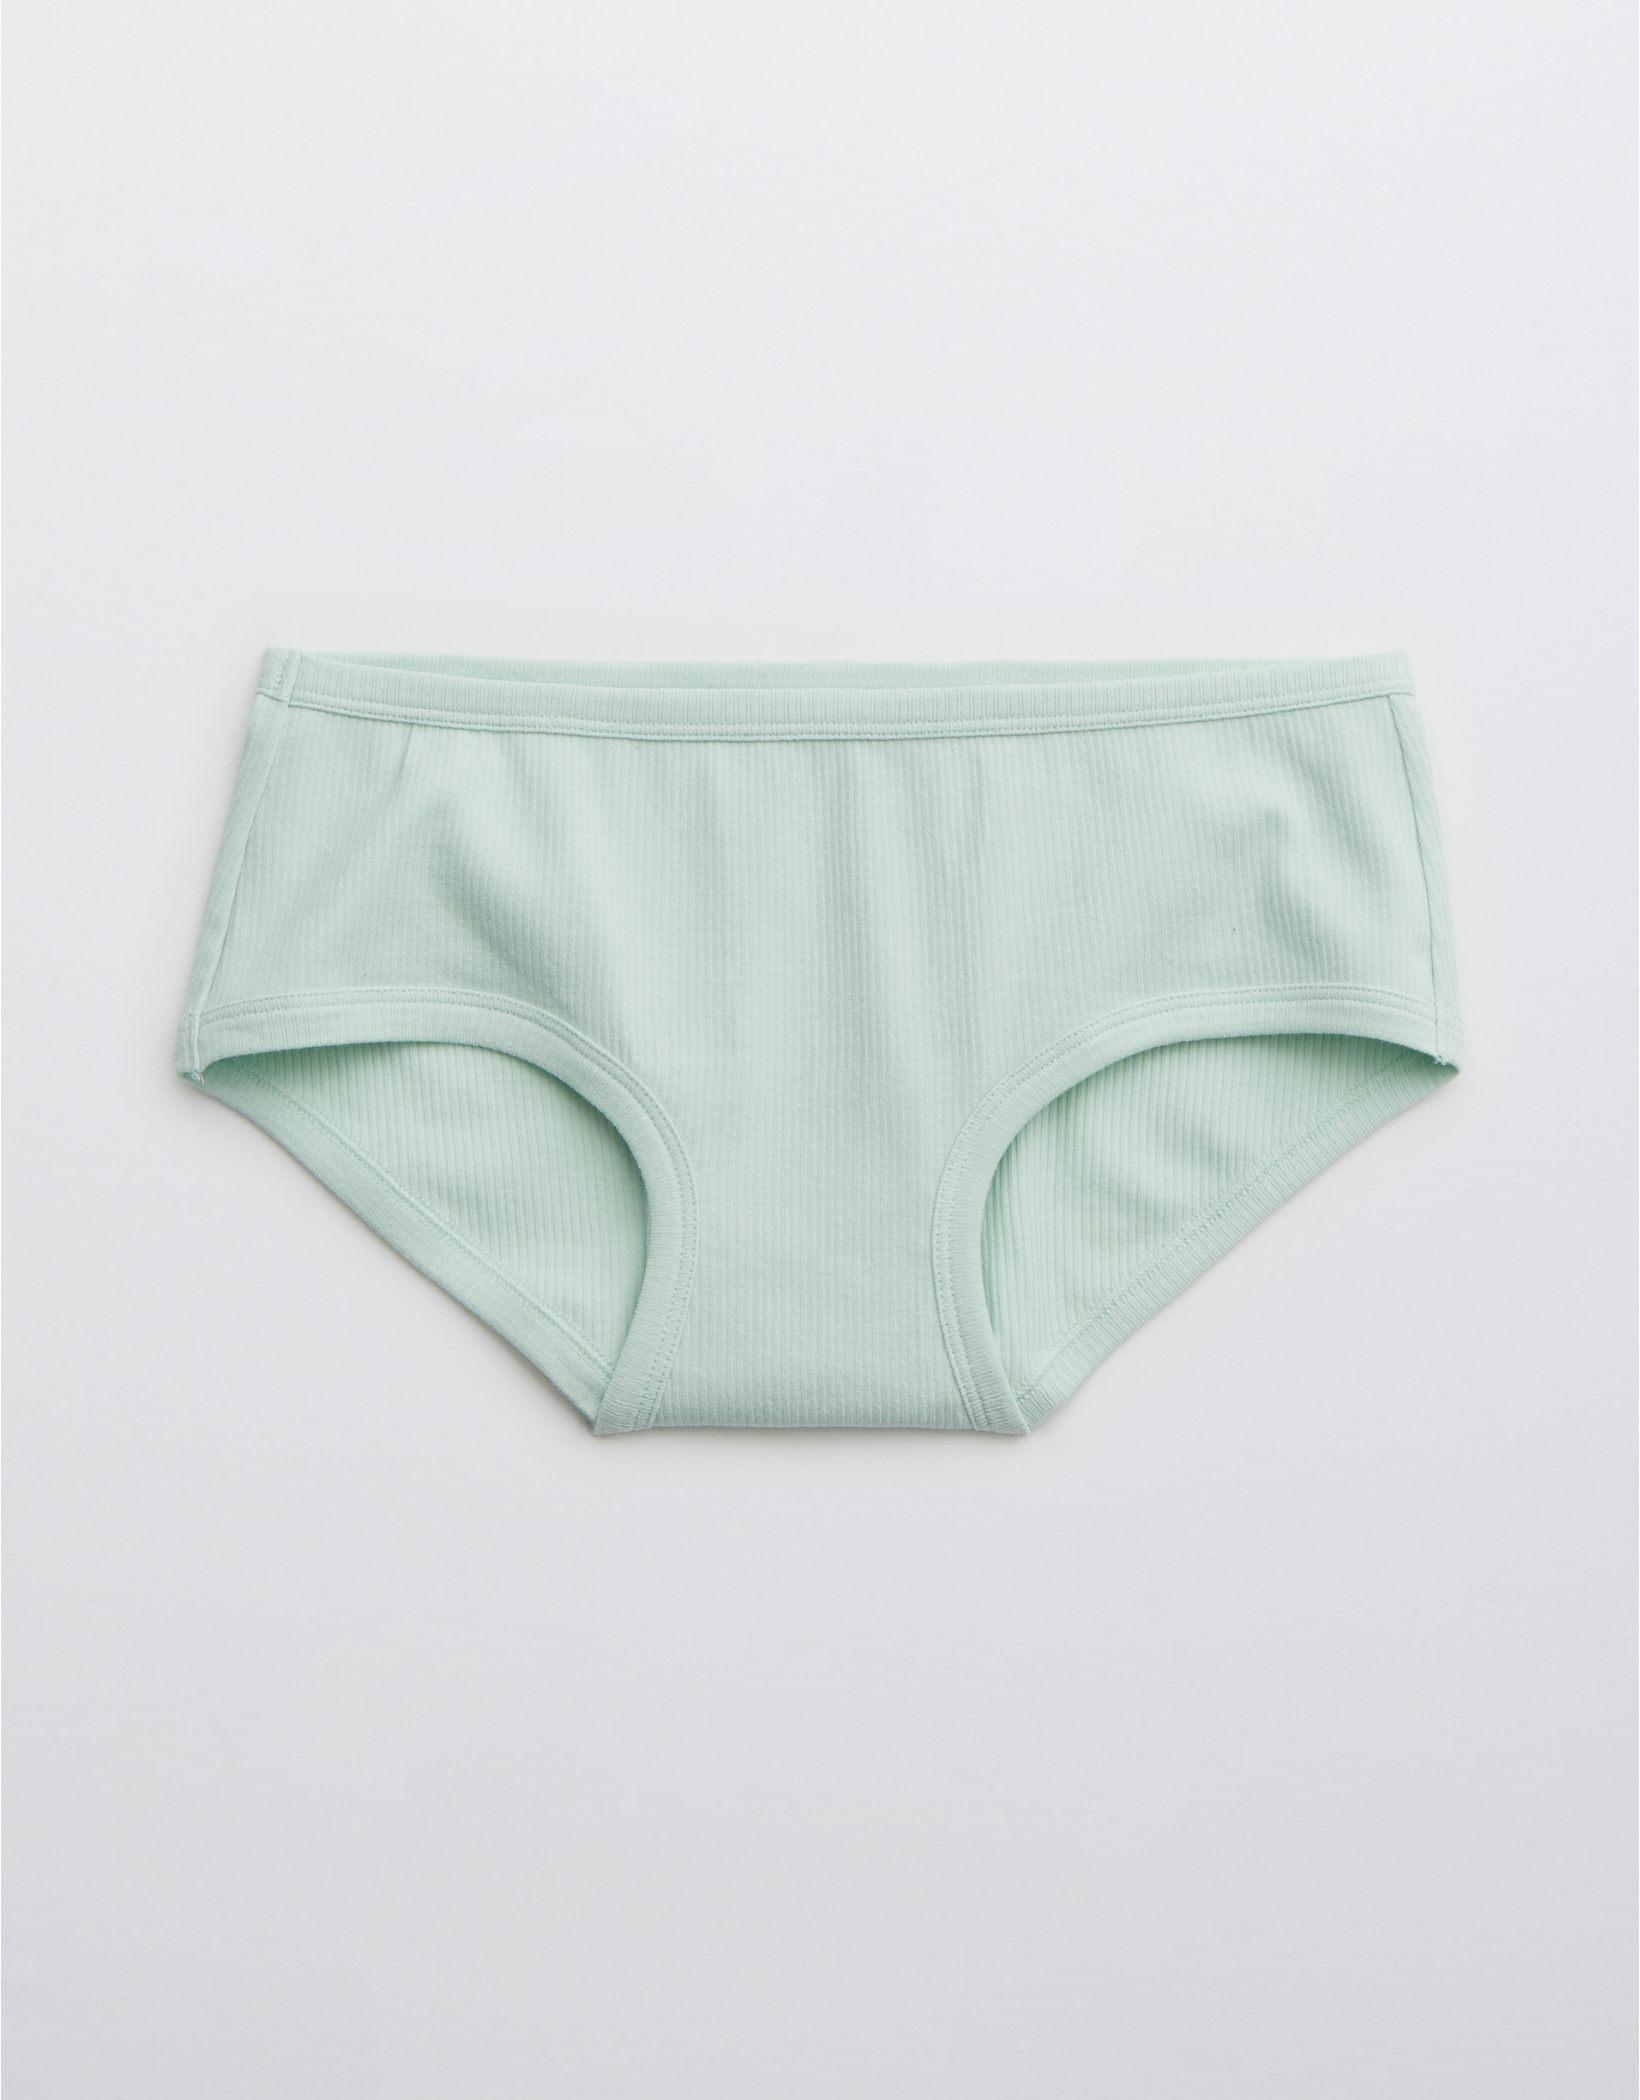 Aerie Ribbed Cotton Boybrief Underwear